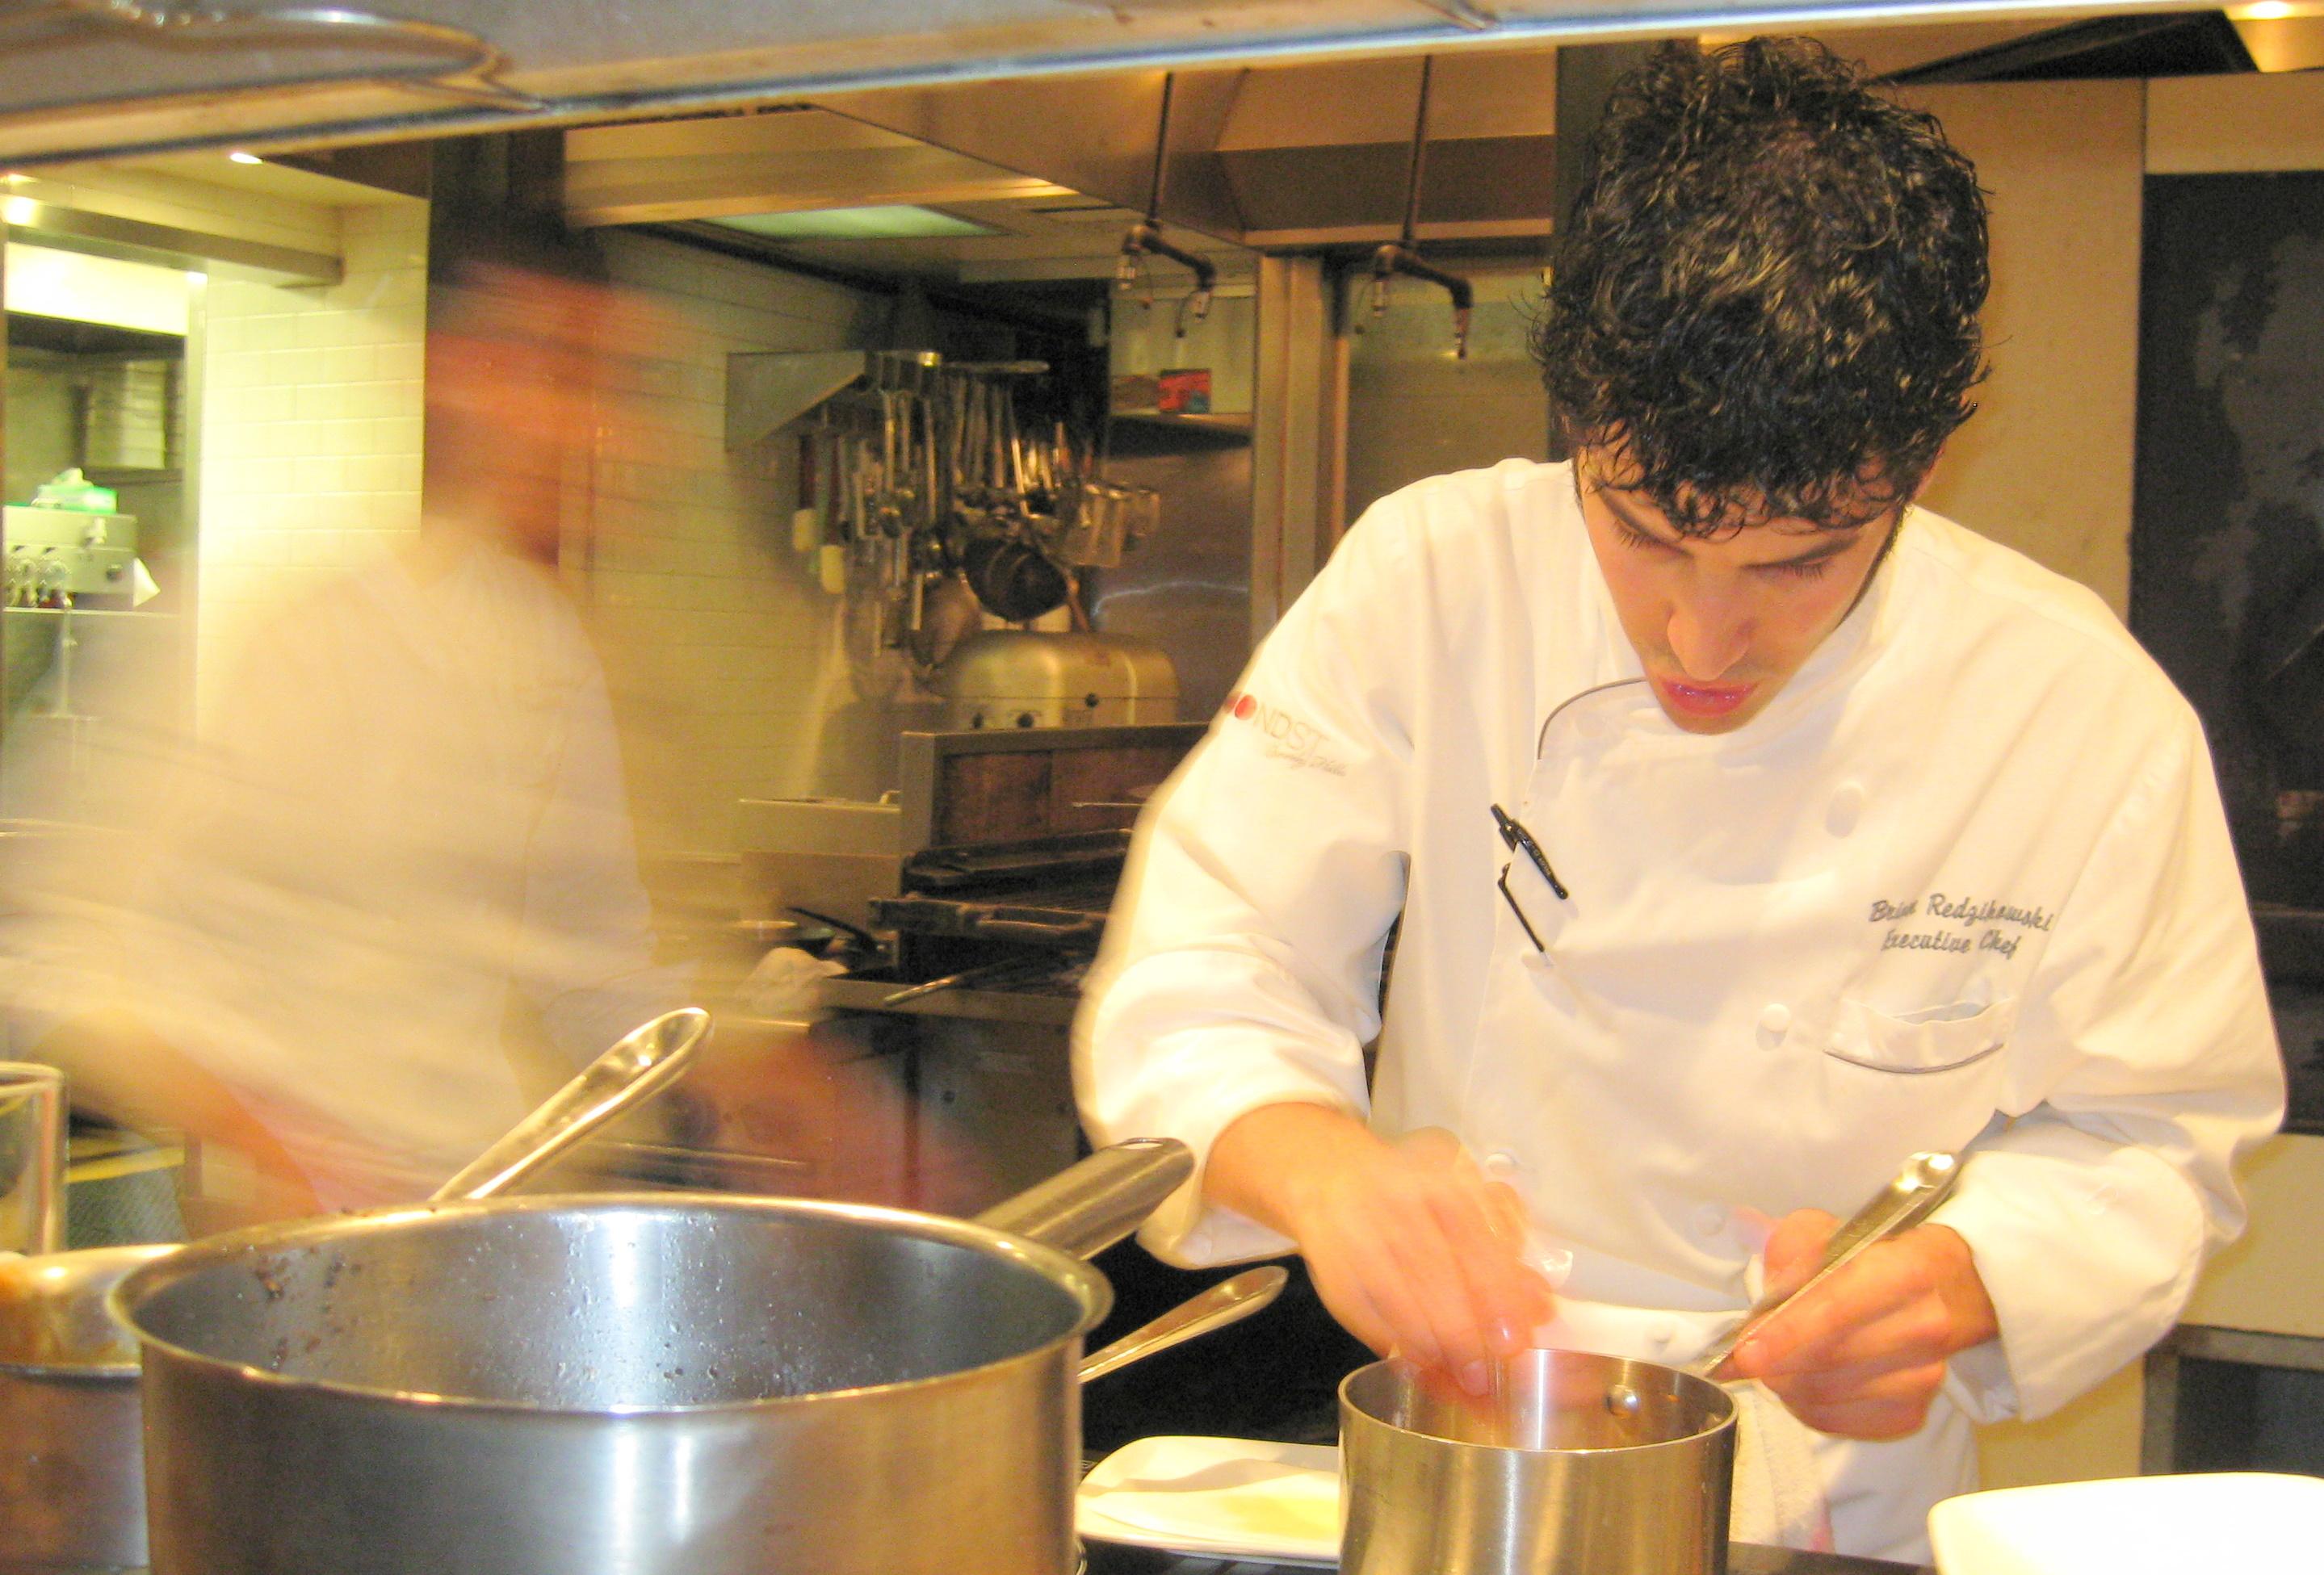 Test Kitchen Chef chef brian redzikowski of bondst beverly hills cooking at test